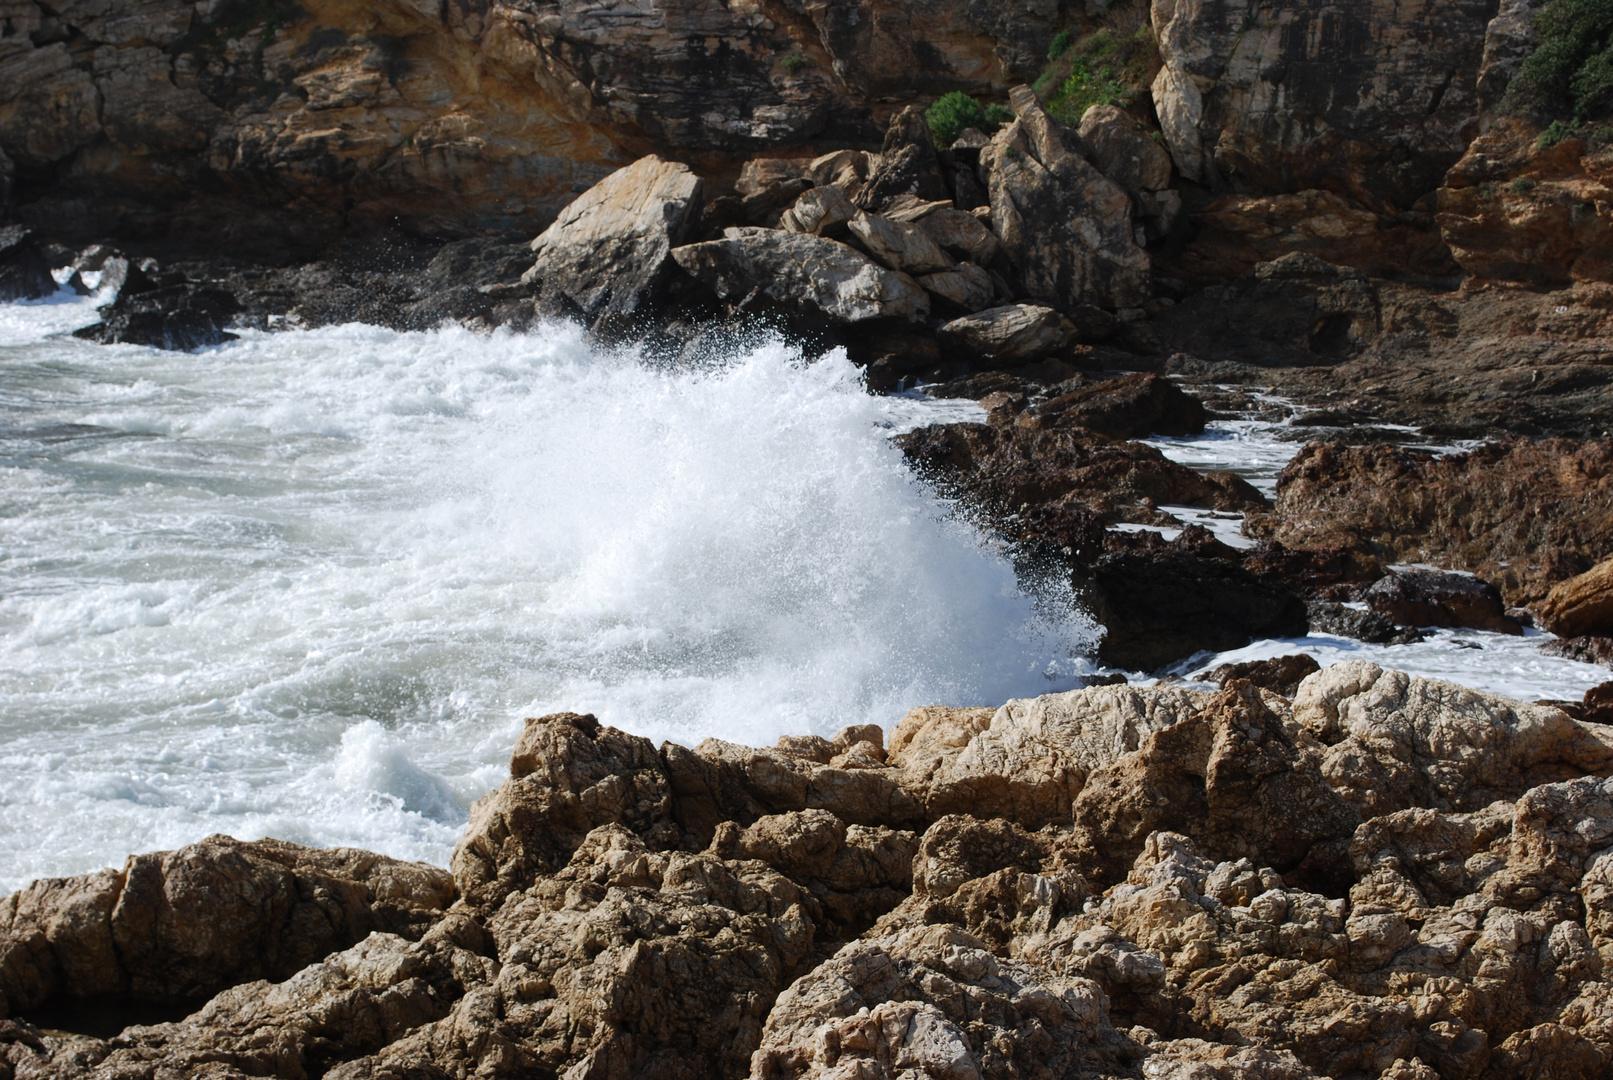 onde sulla scogliera